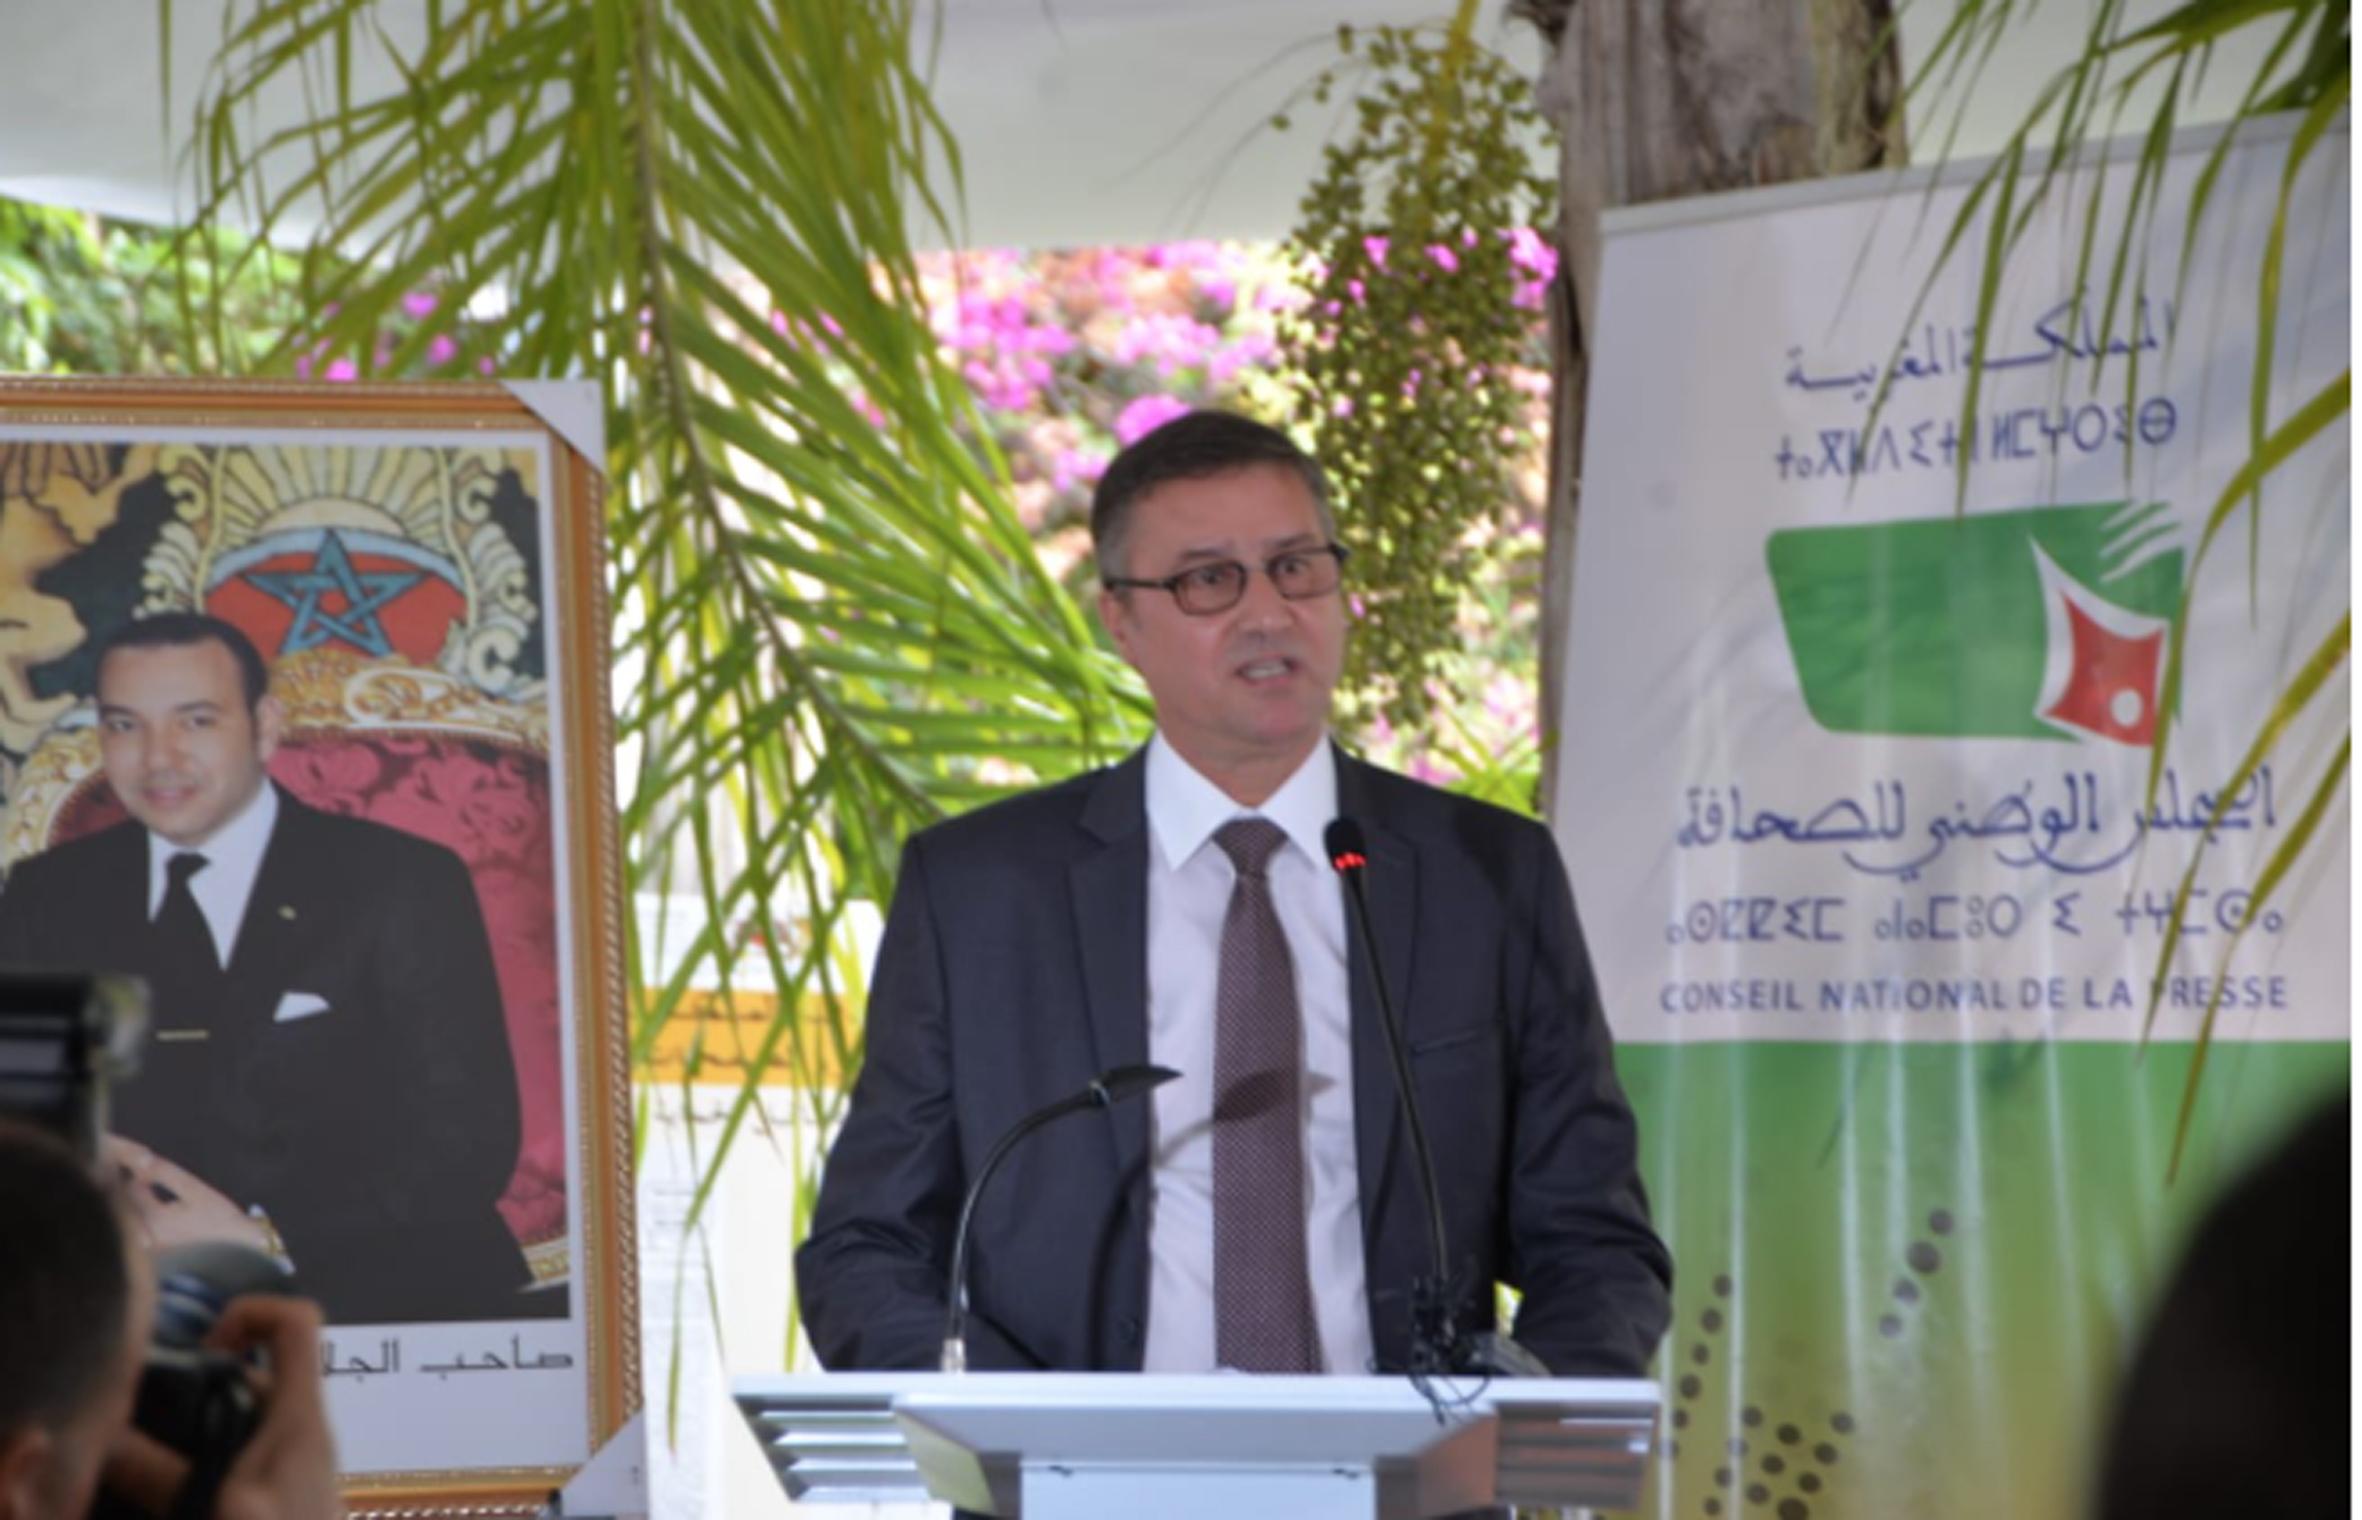 Younes Moujahid : Encadrer l'accès à la profession en vue de barrer la route aux intrus